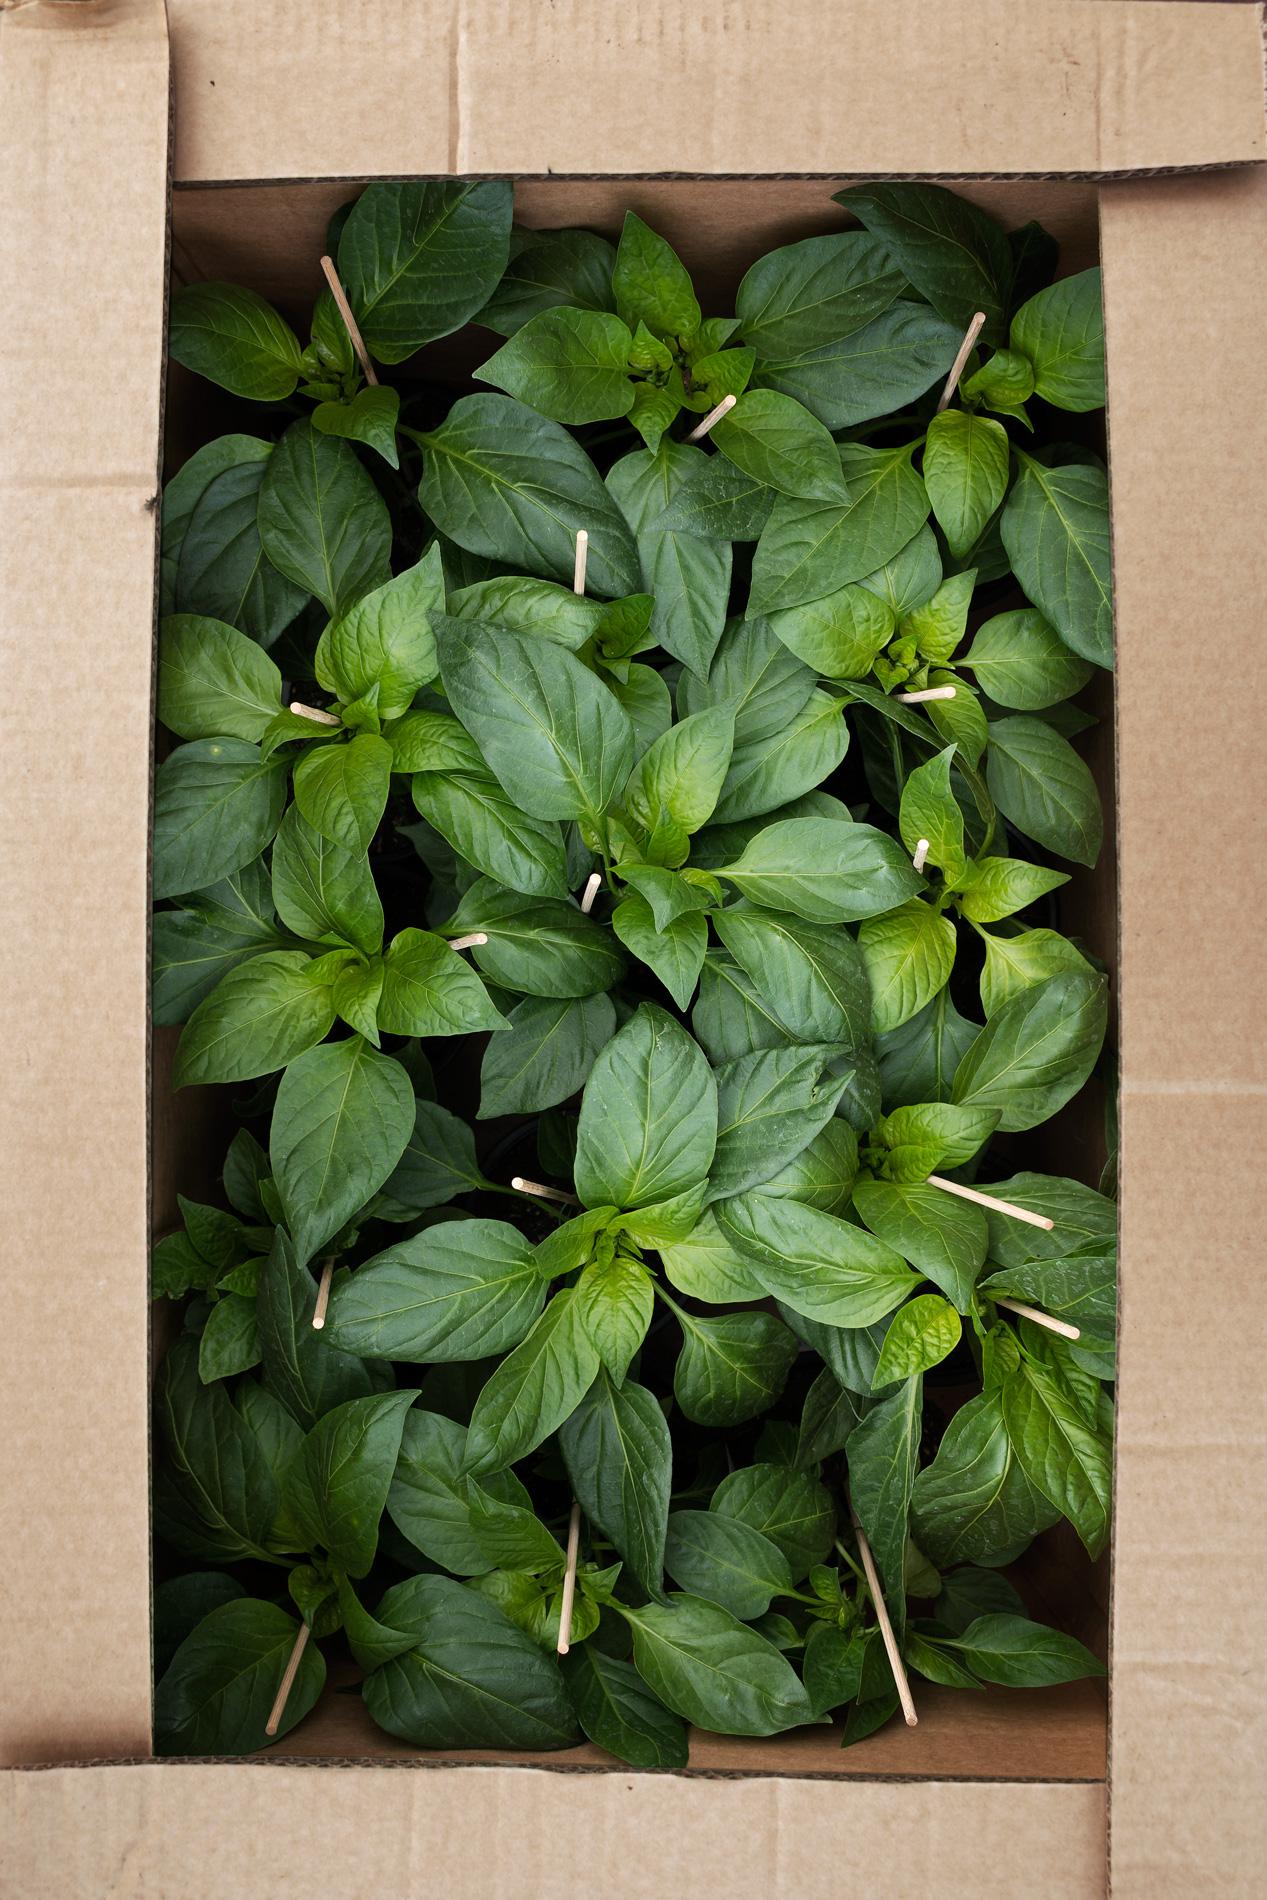 Karton mit Paprikapflanzen